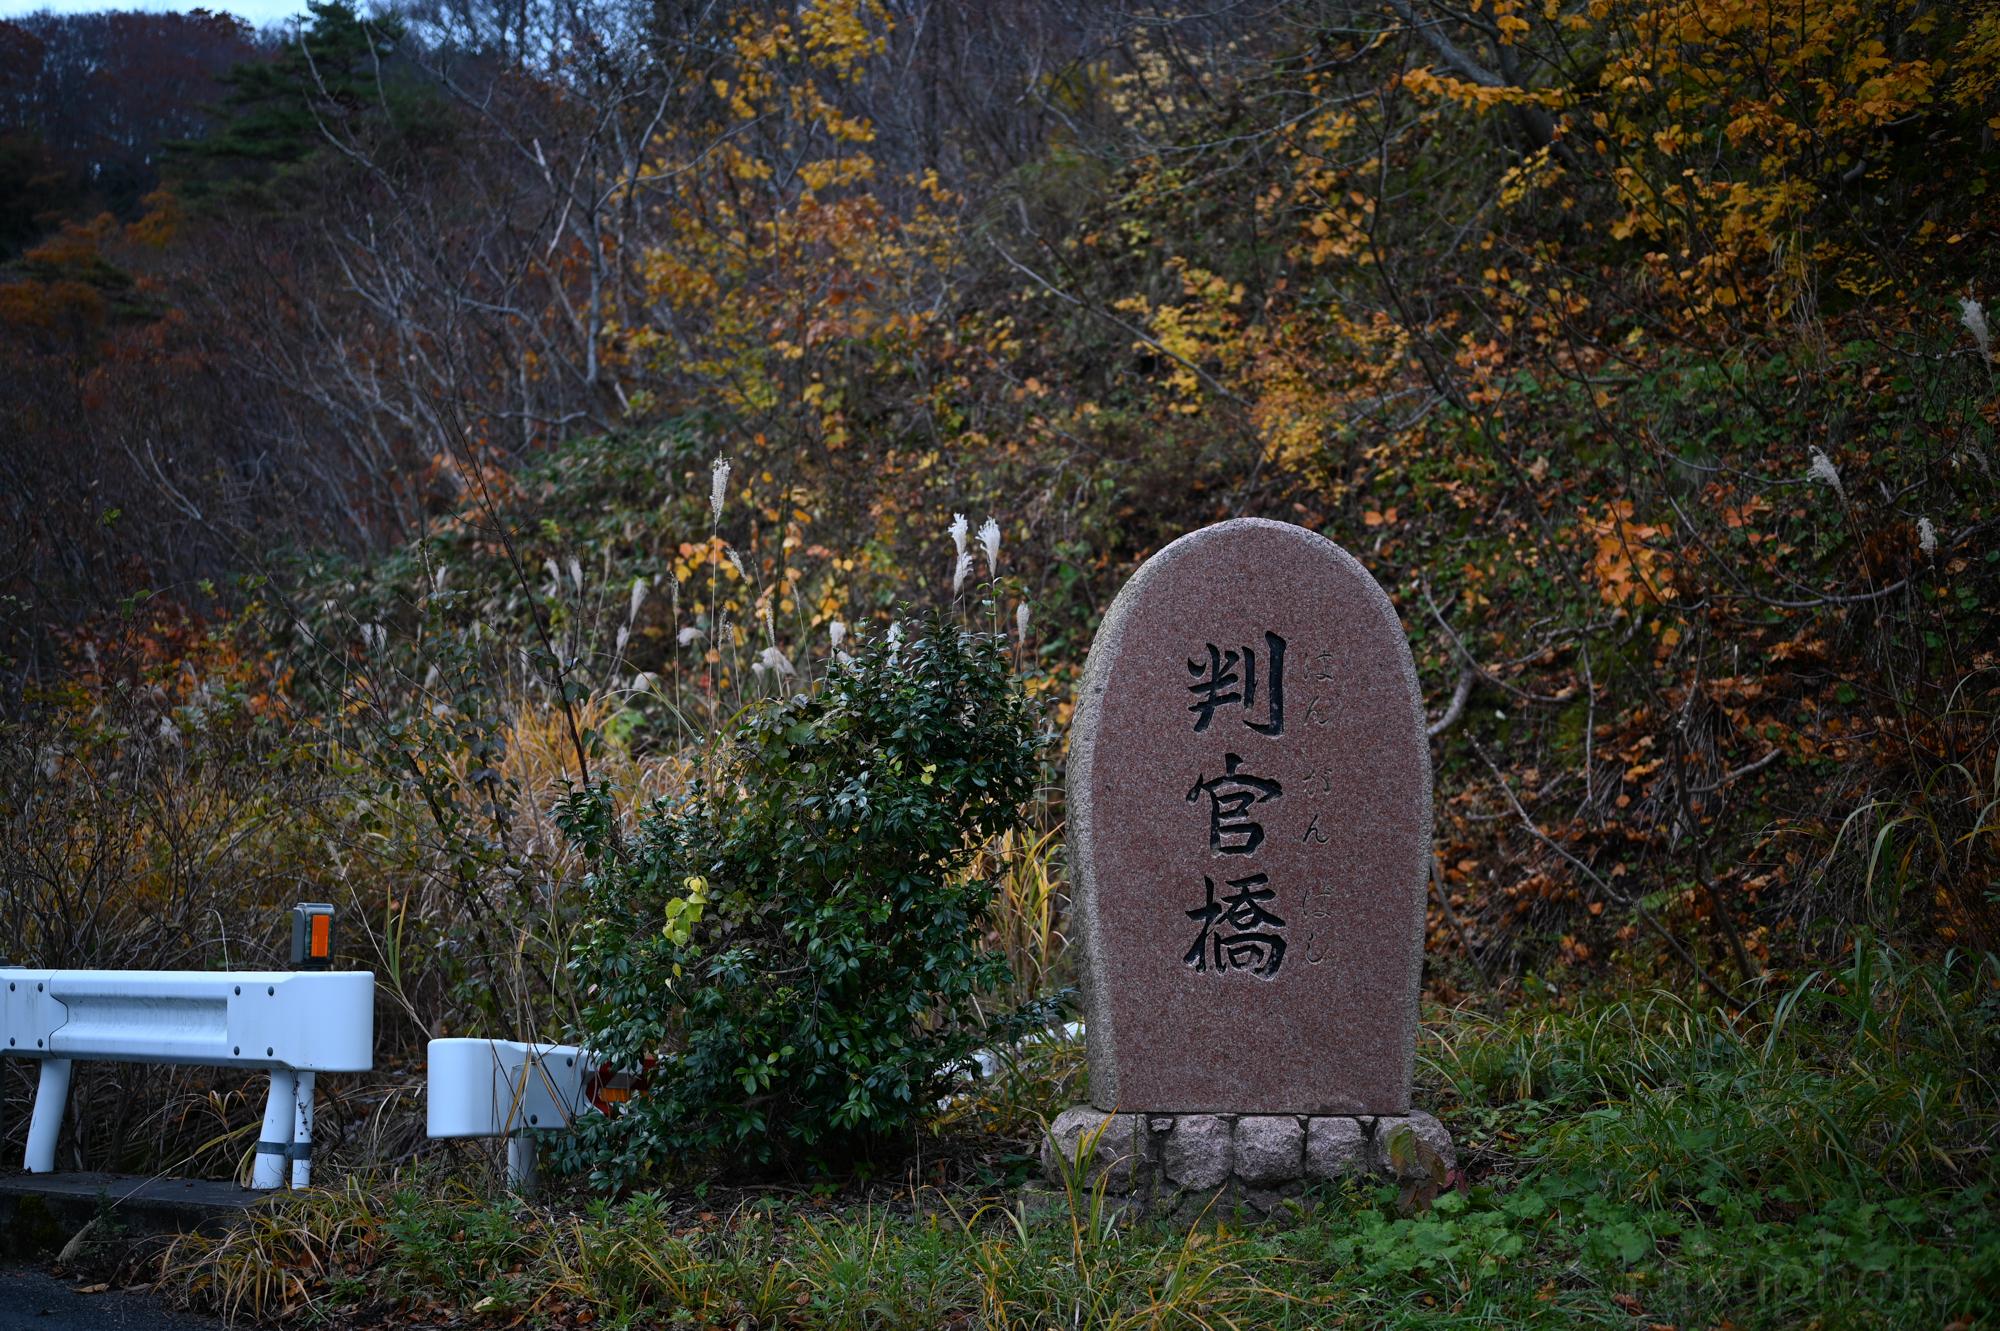 f:id:asanokawa:20191120194440j:plain